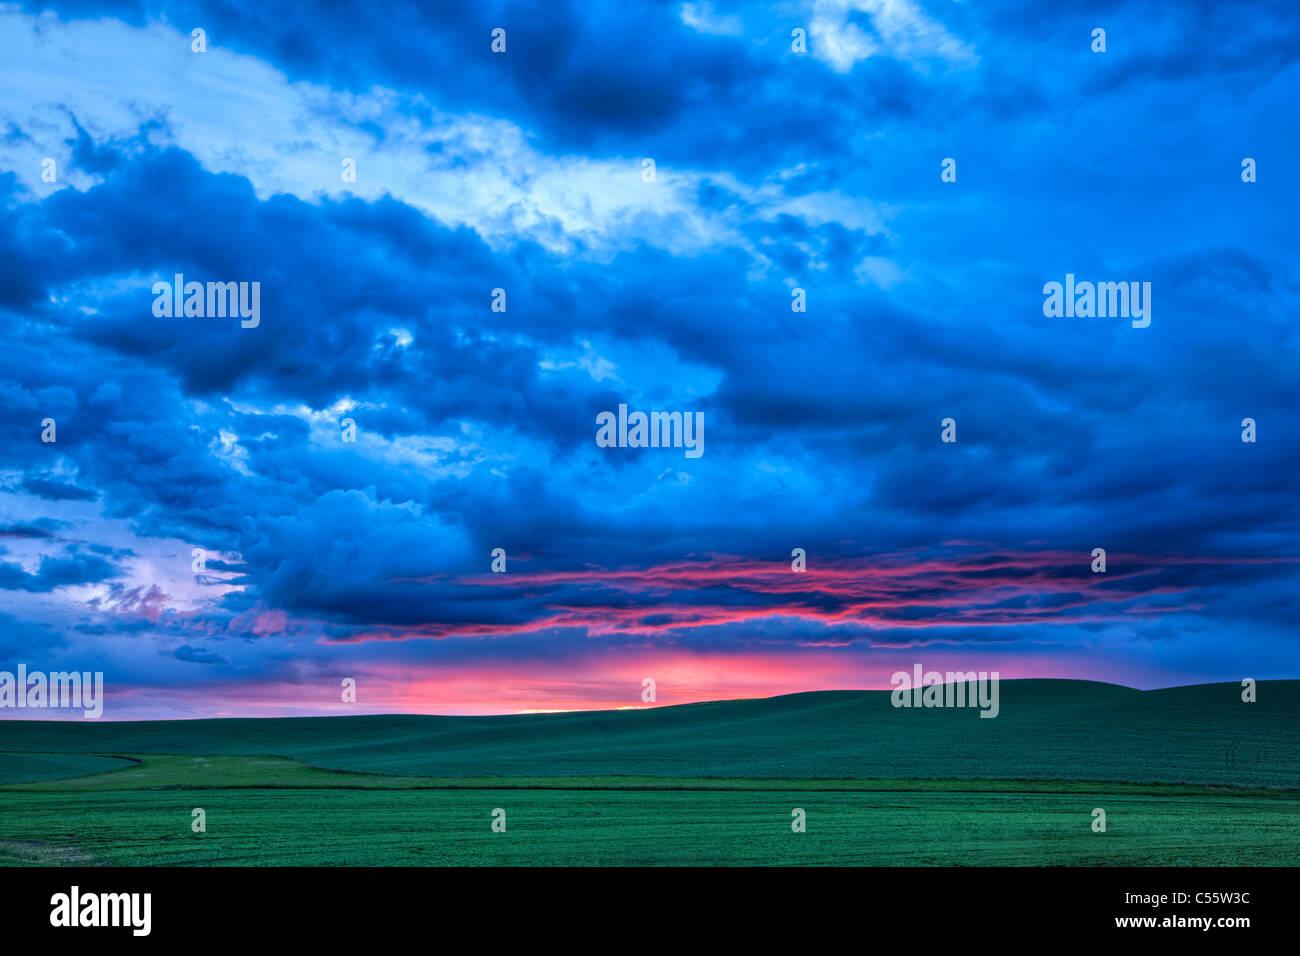 Nubes sobre una granja, Palouse, Estado de Washington, EE.UU. Imagen De Stock